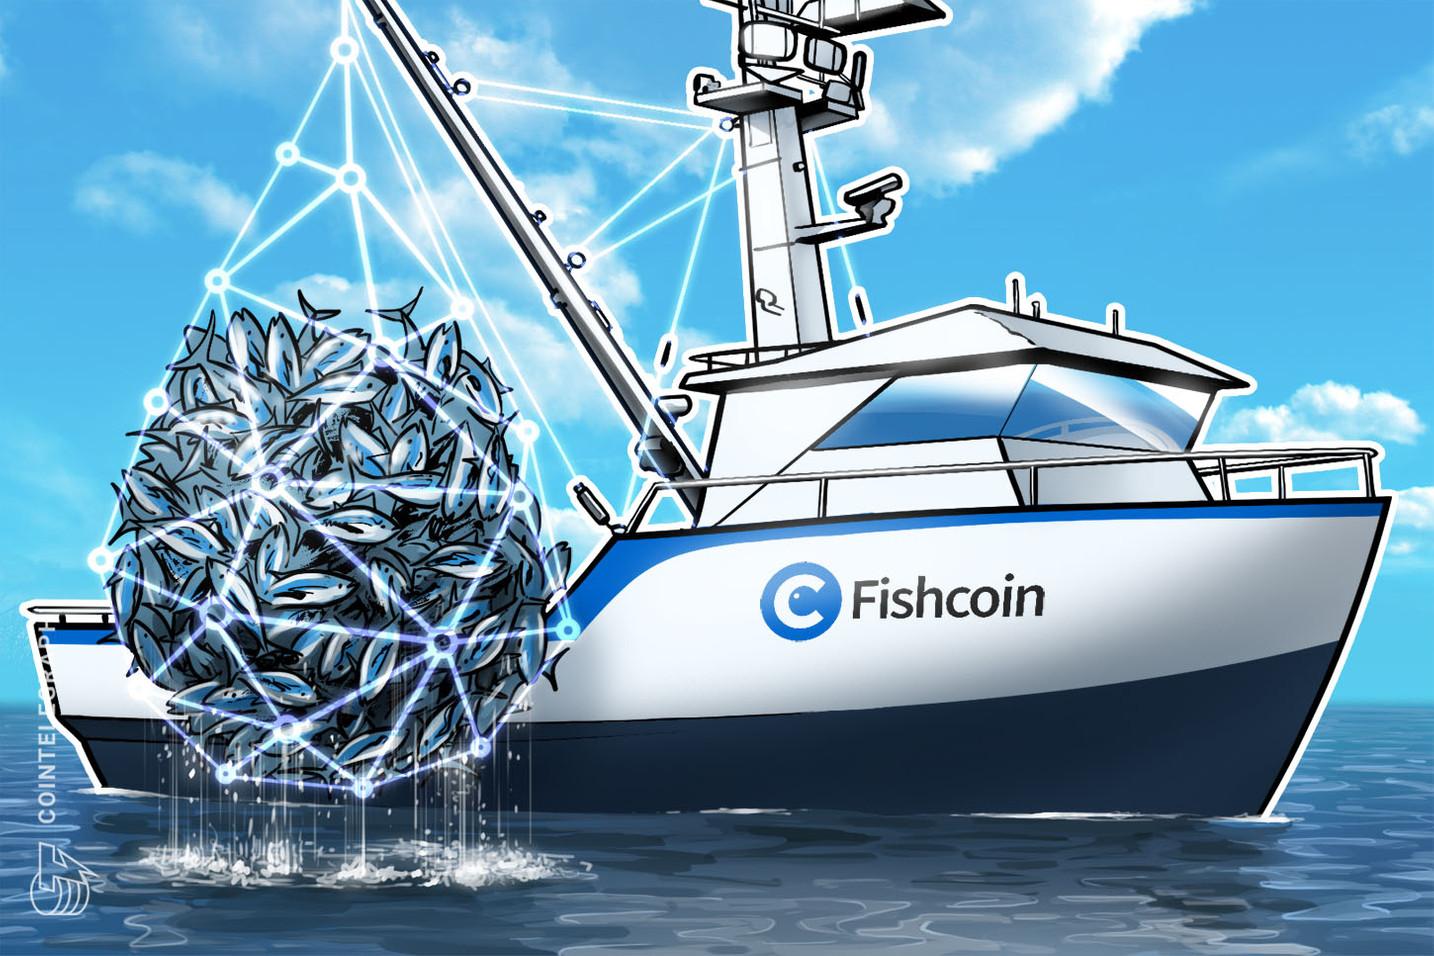 漁業×ブロックチェーン、水産物のトレーサビリティ問題の解決を目指すスタートアップ